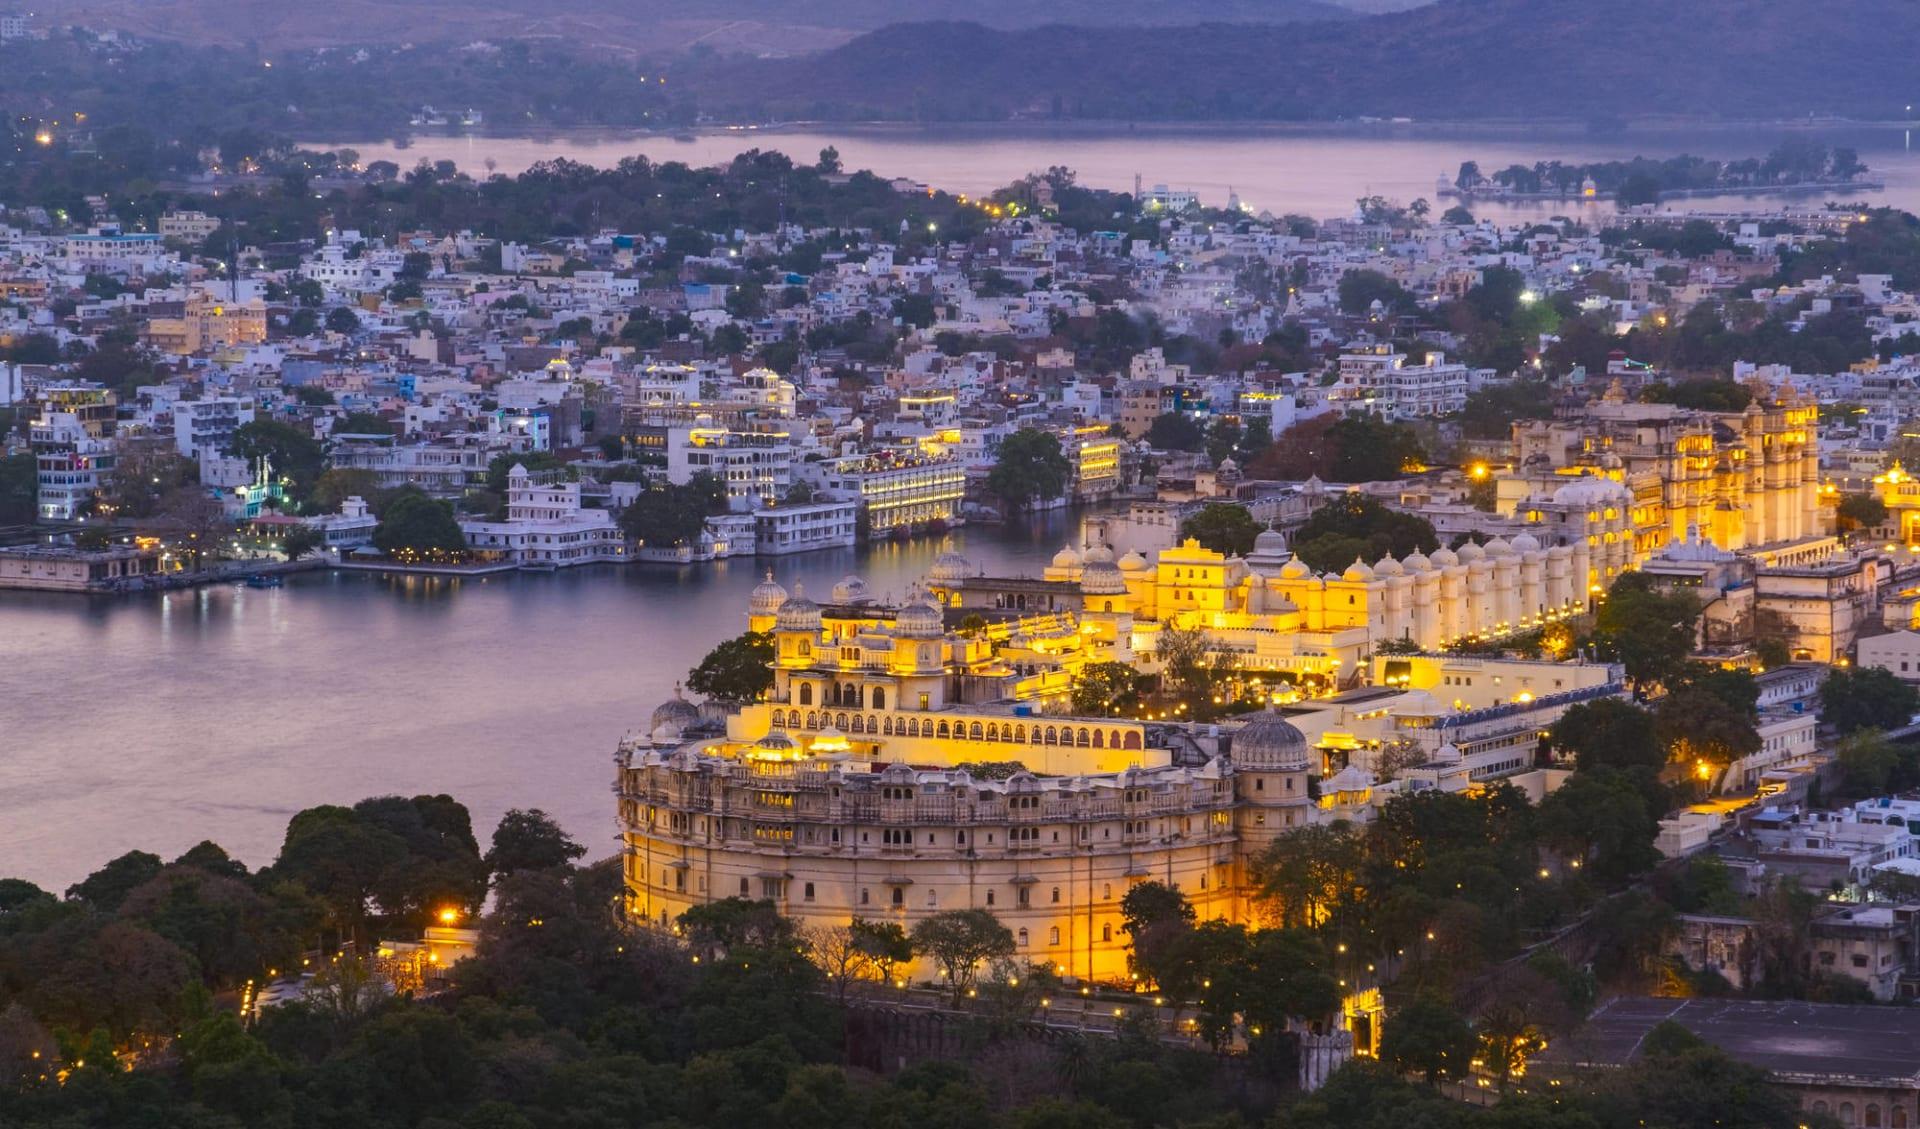 Indien für Geniesser ab Delhi: Udaipur City with Lake Pichola